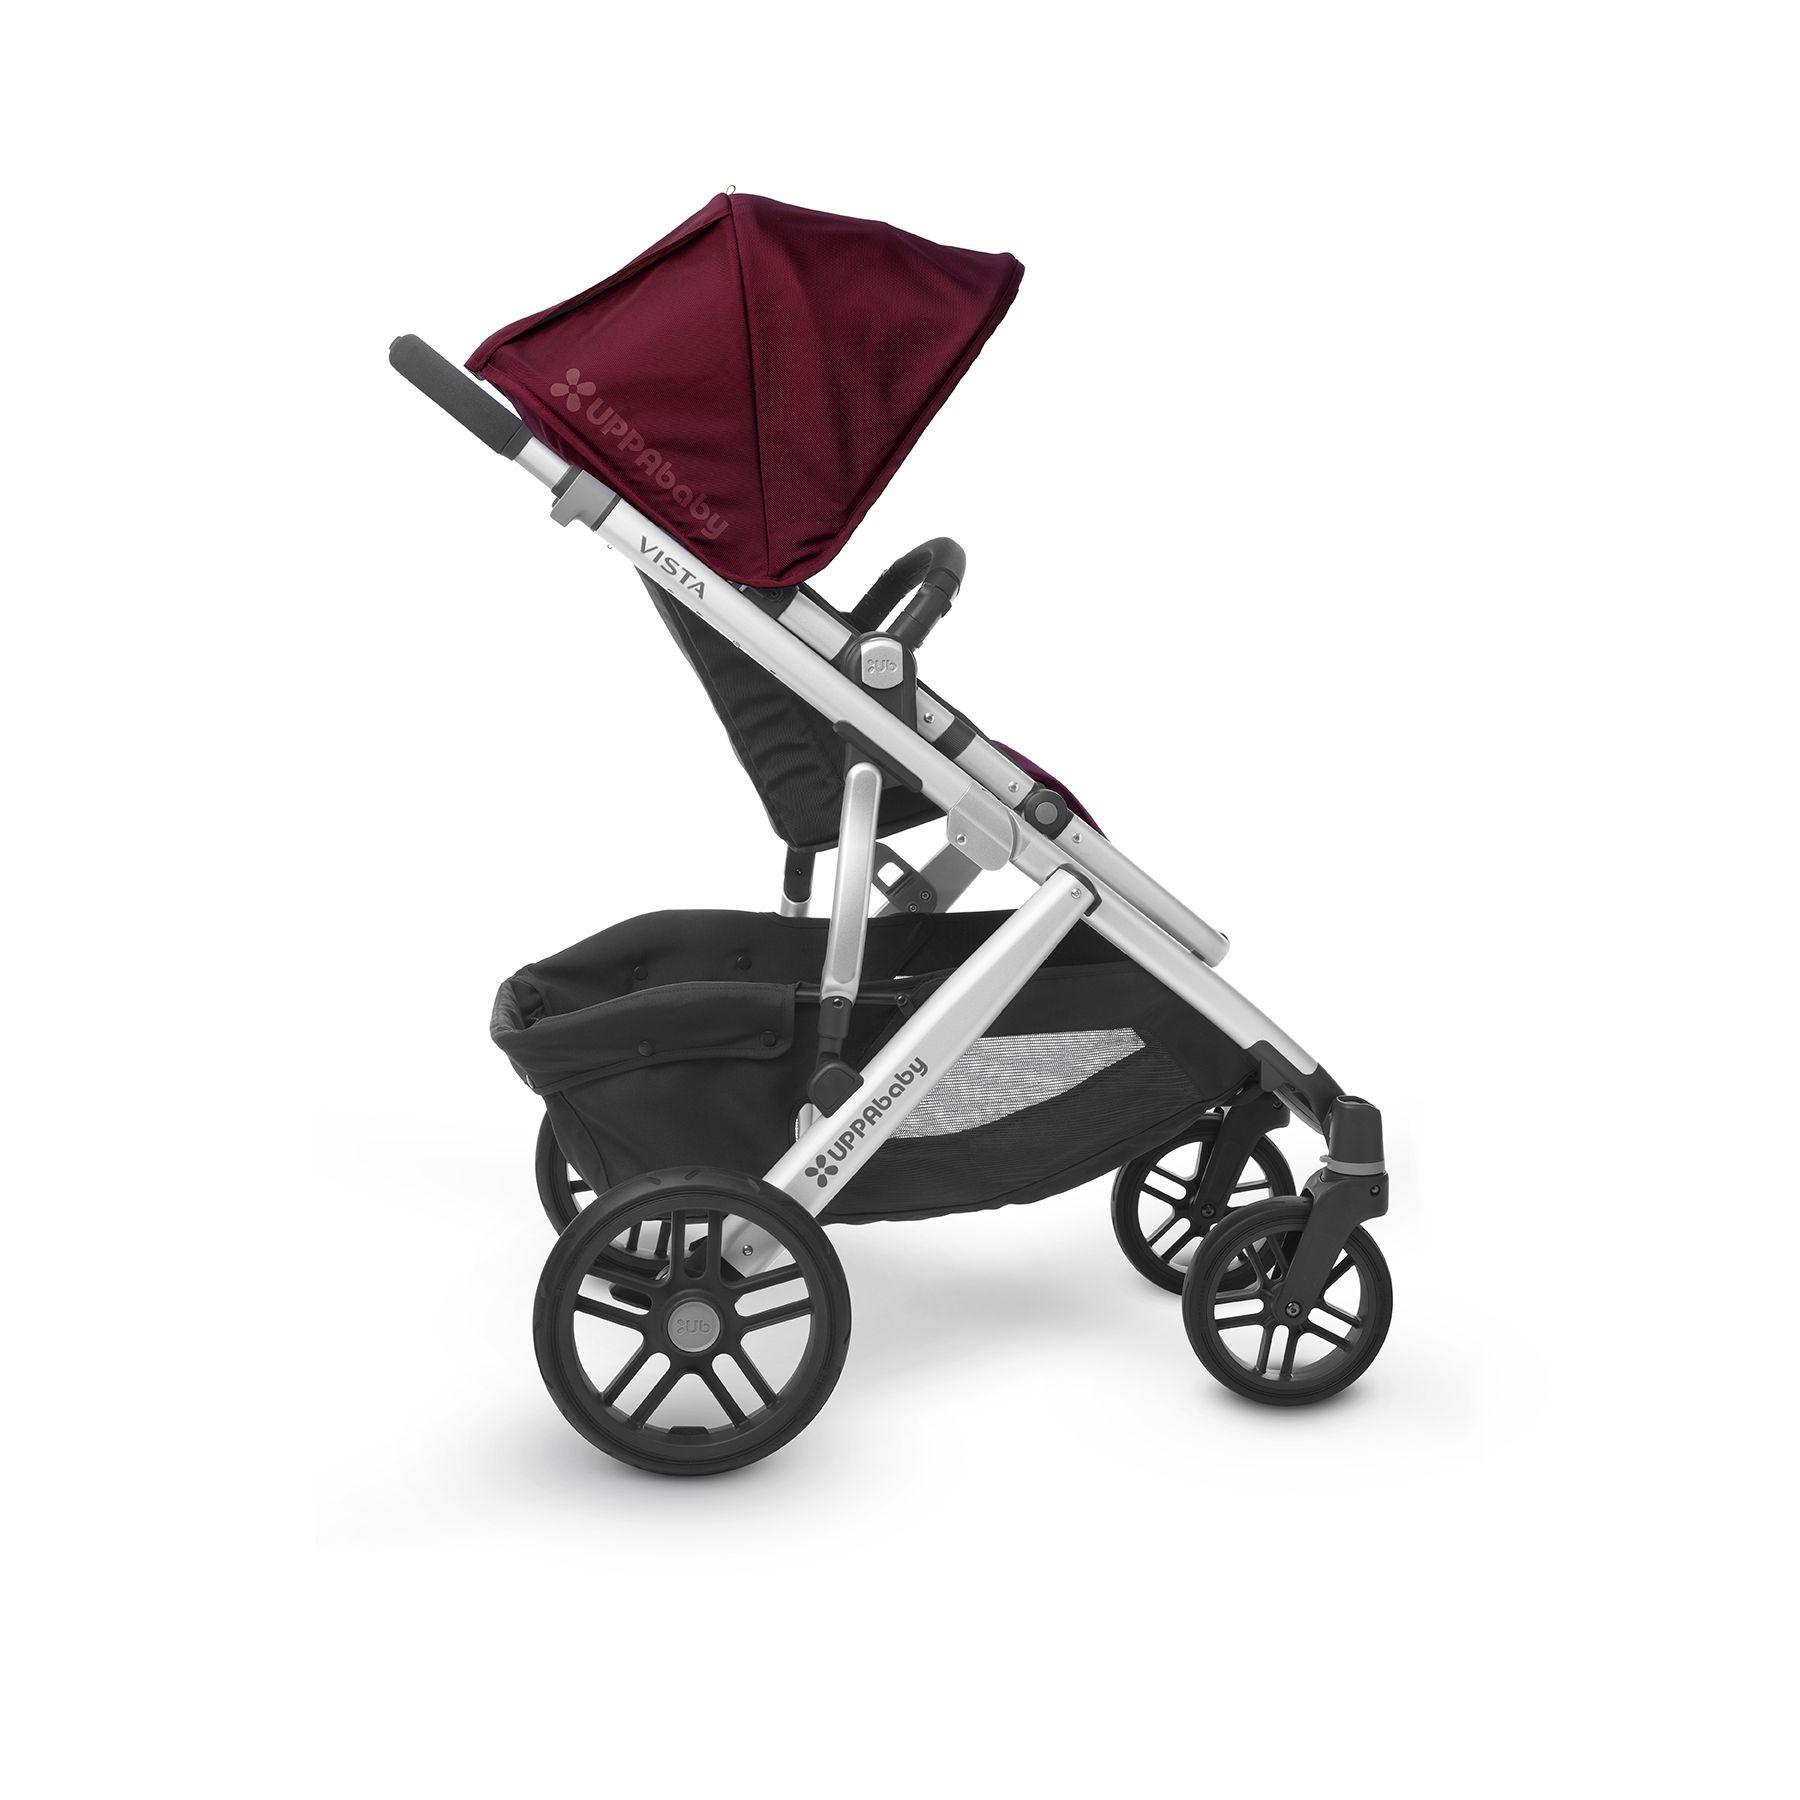 Dennison VISTA Vista stroller, Stroller, Uppababy